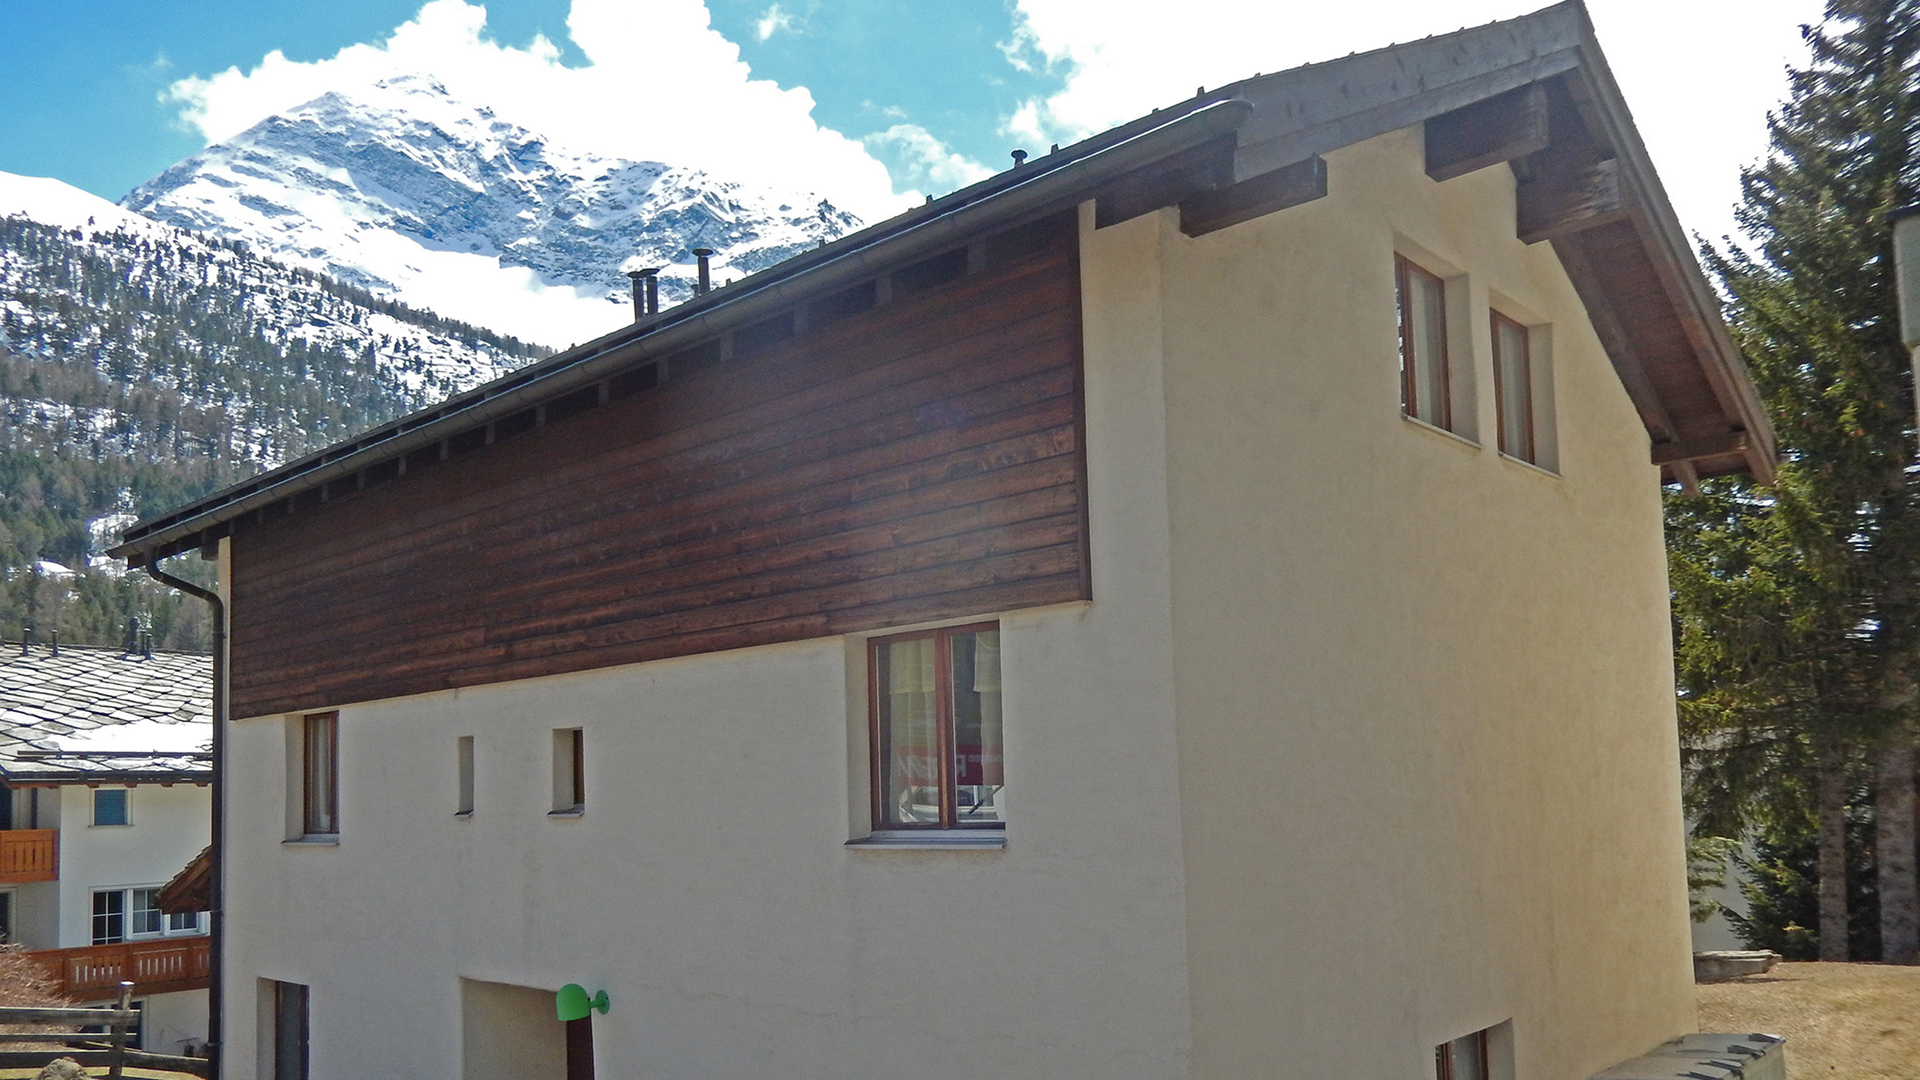 The Villa Chalet, Switzerland